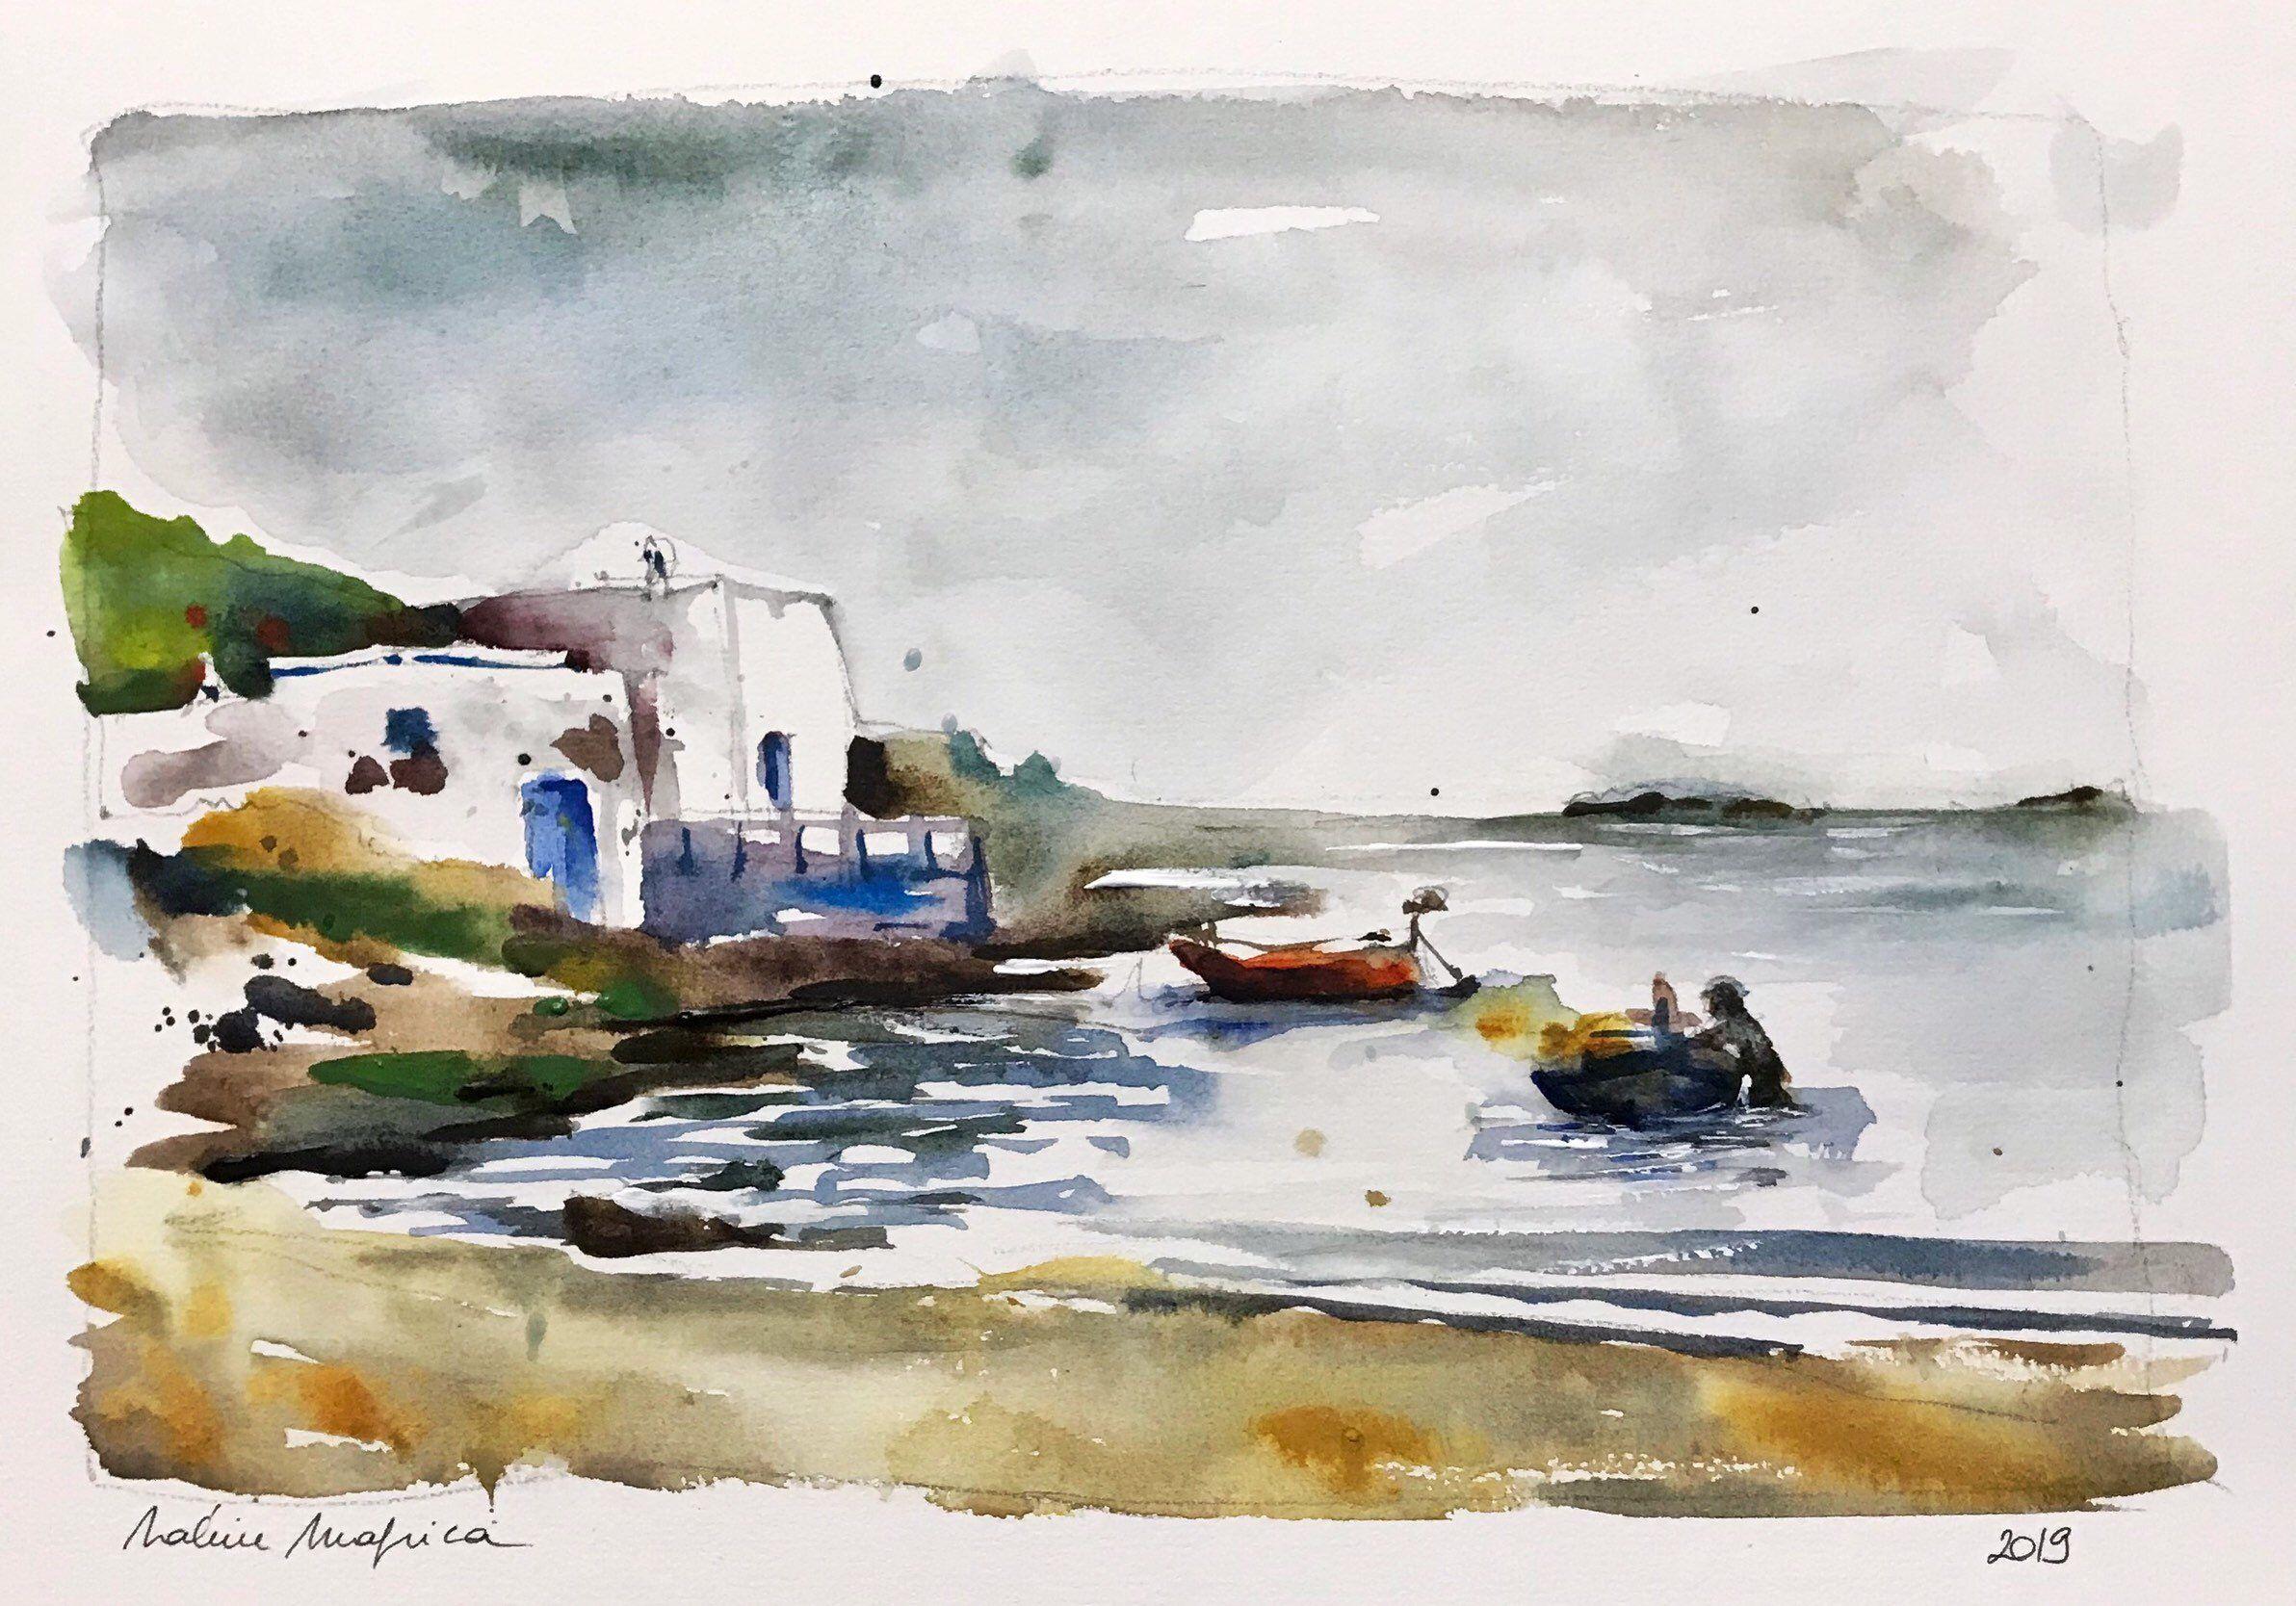 Aquarelle Peinture Originale Bord De Mer Le Soir A Kythira